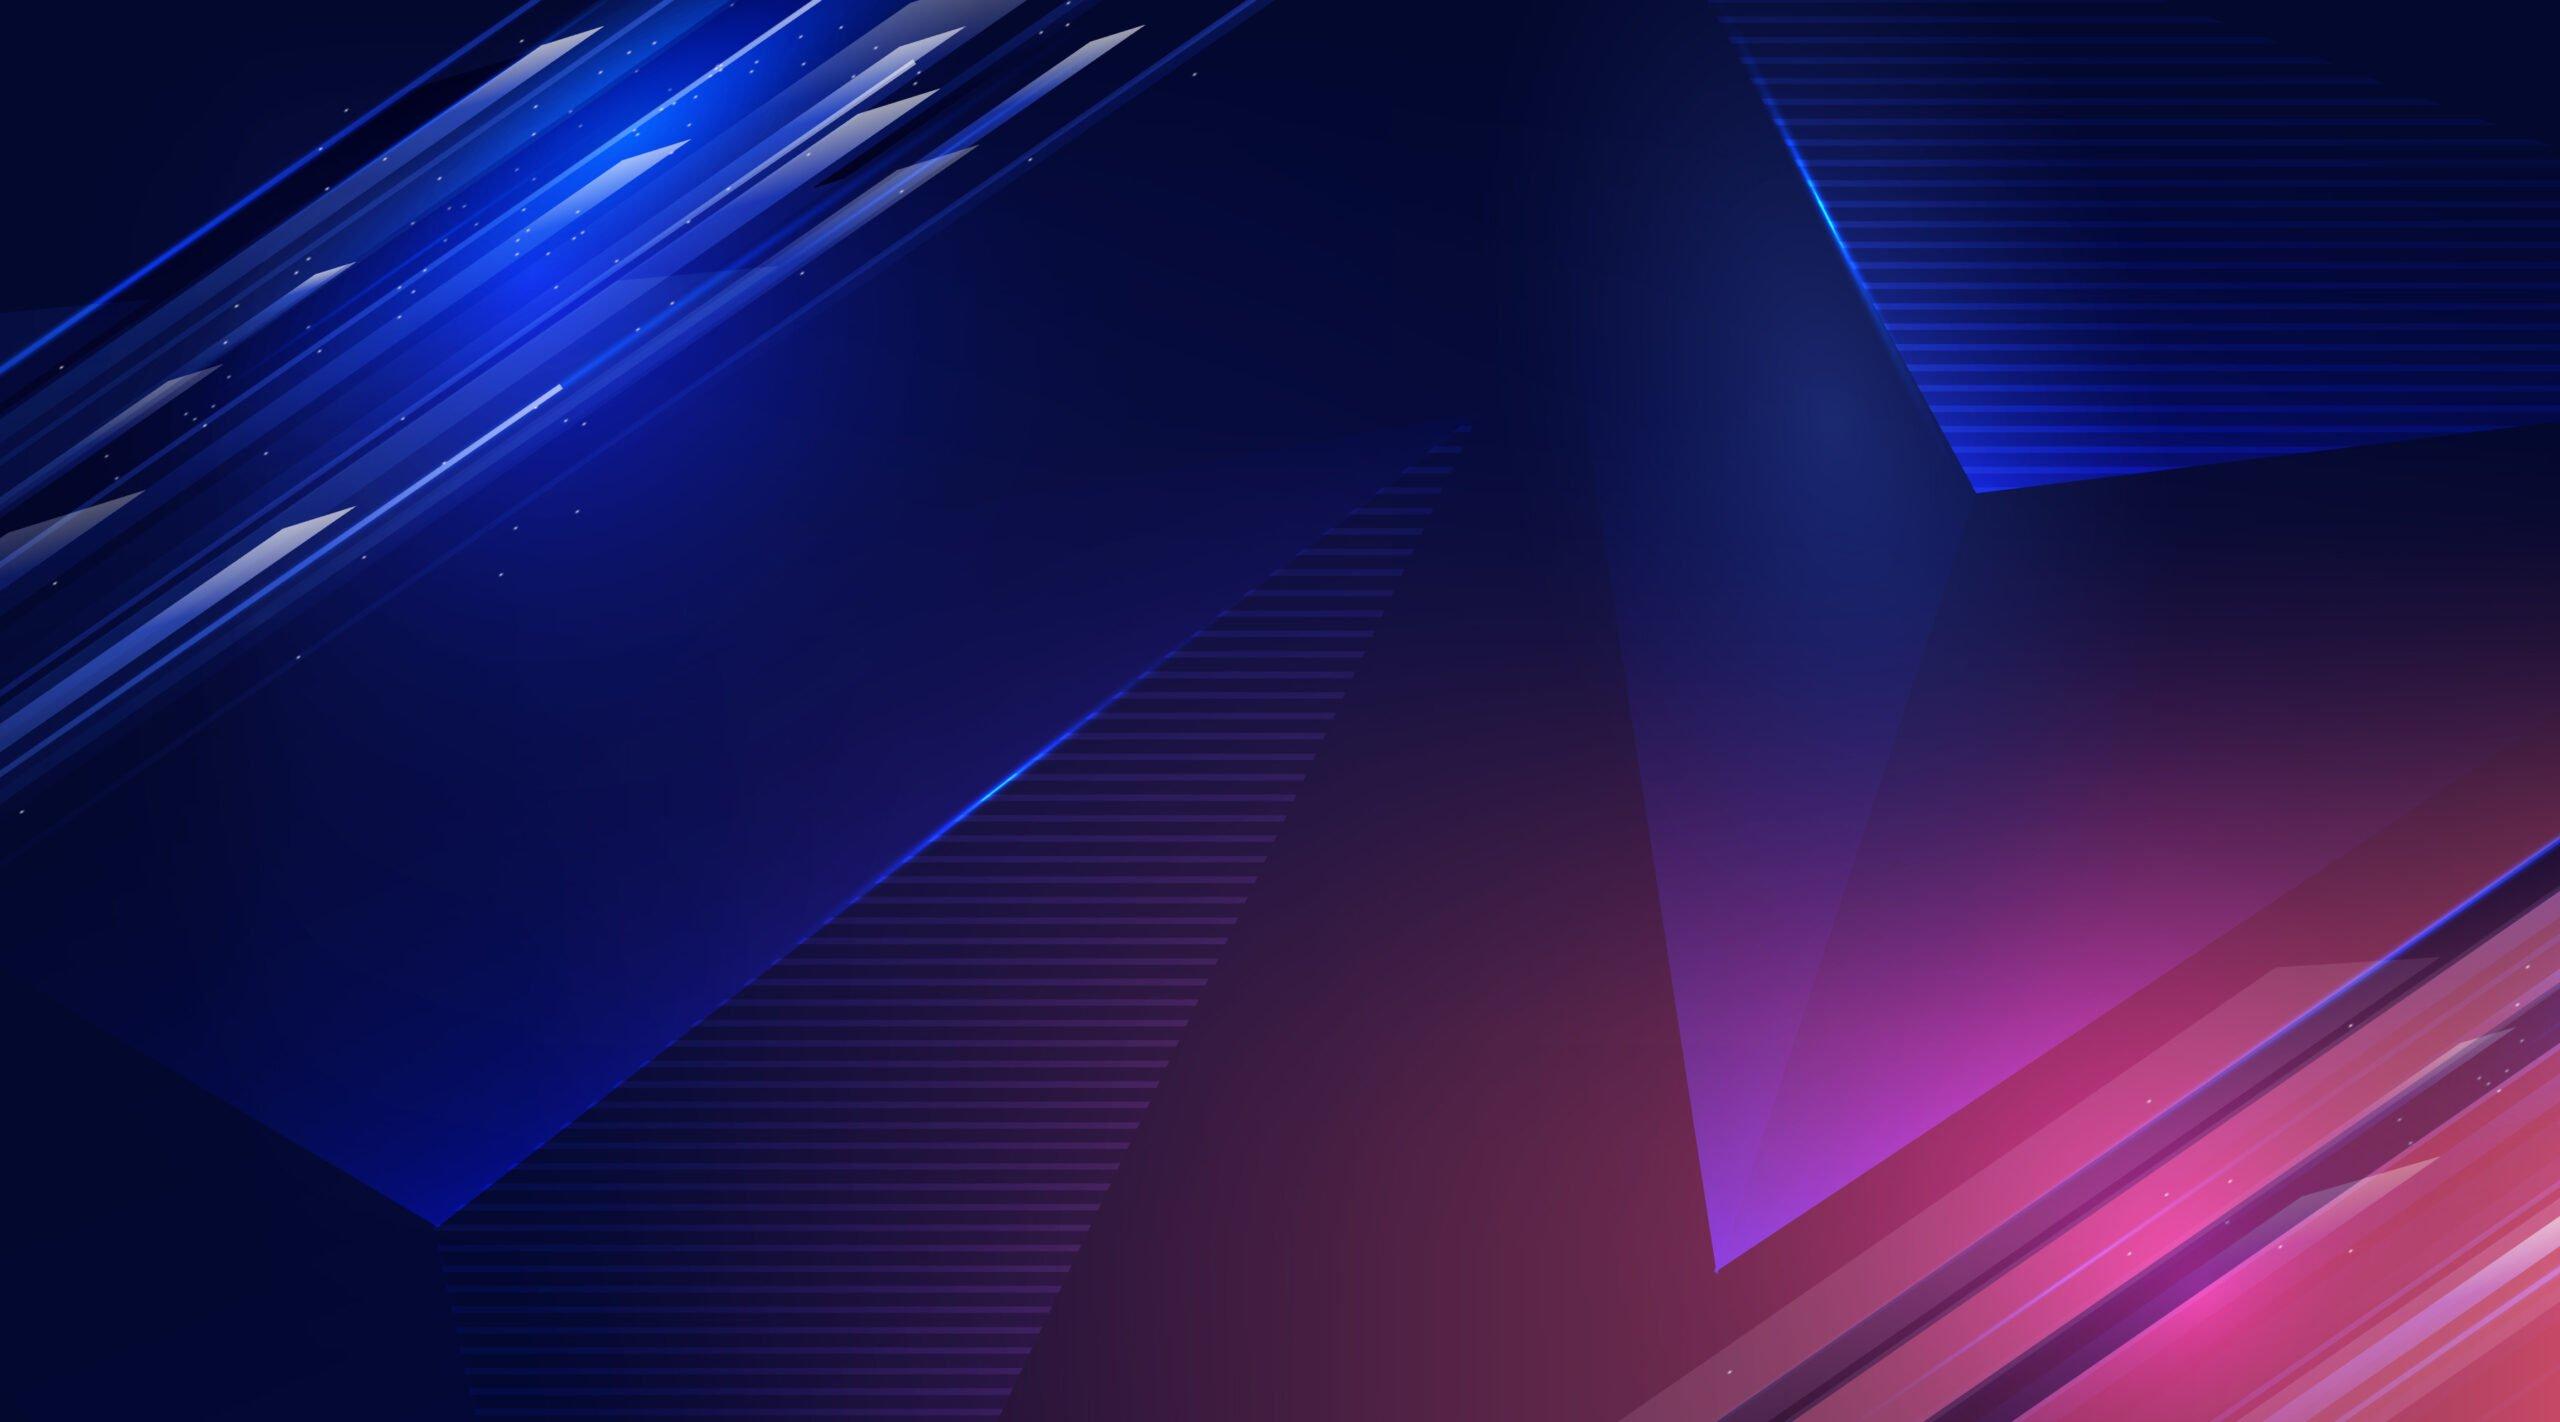 Hình nền background vector